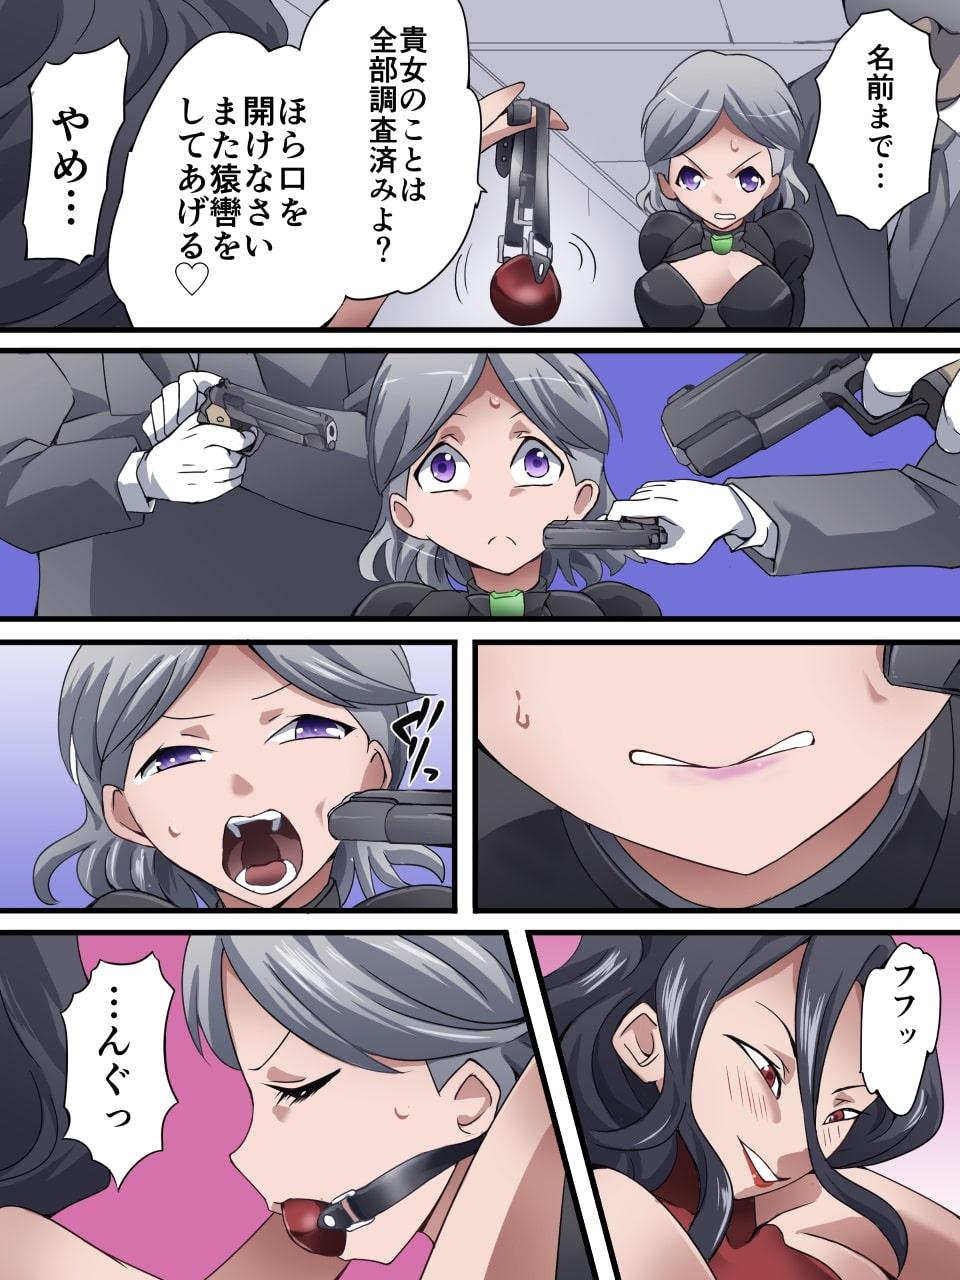 怪盗シルバーキャット漫画版 第4話